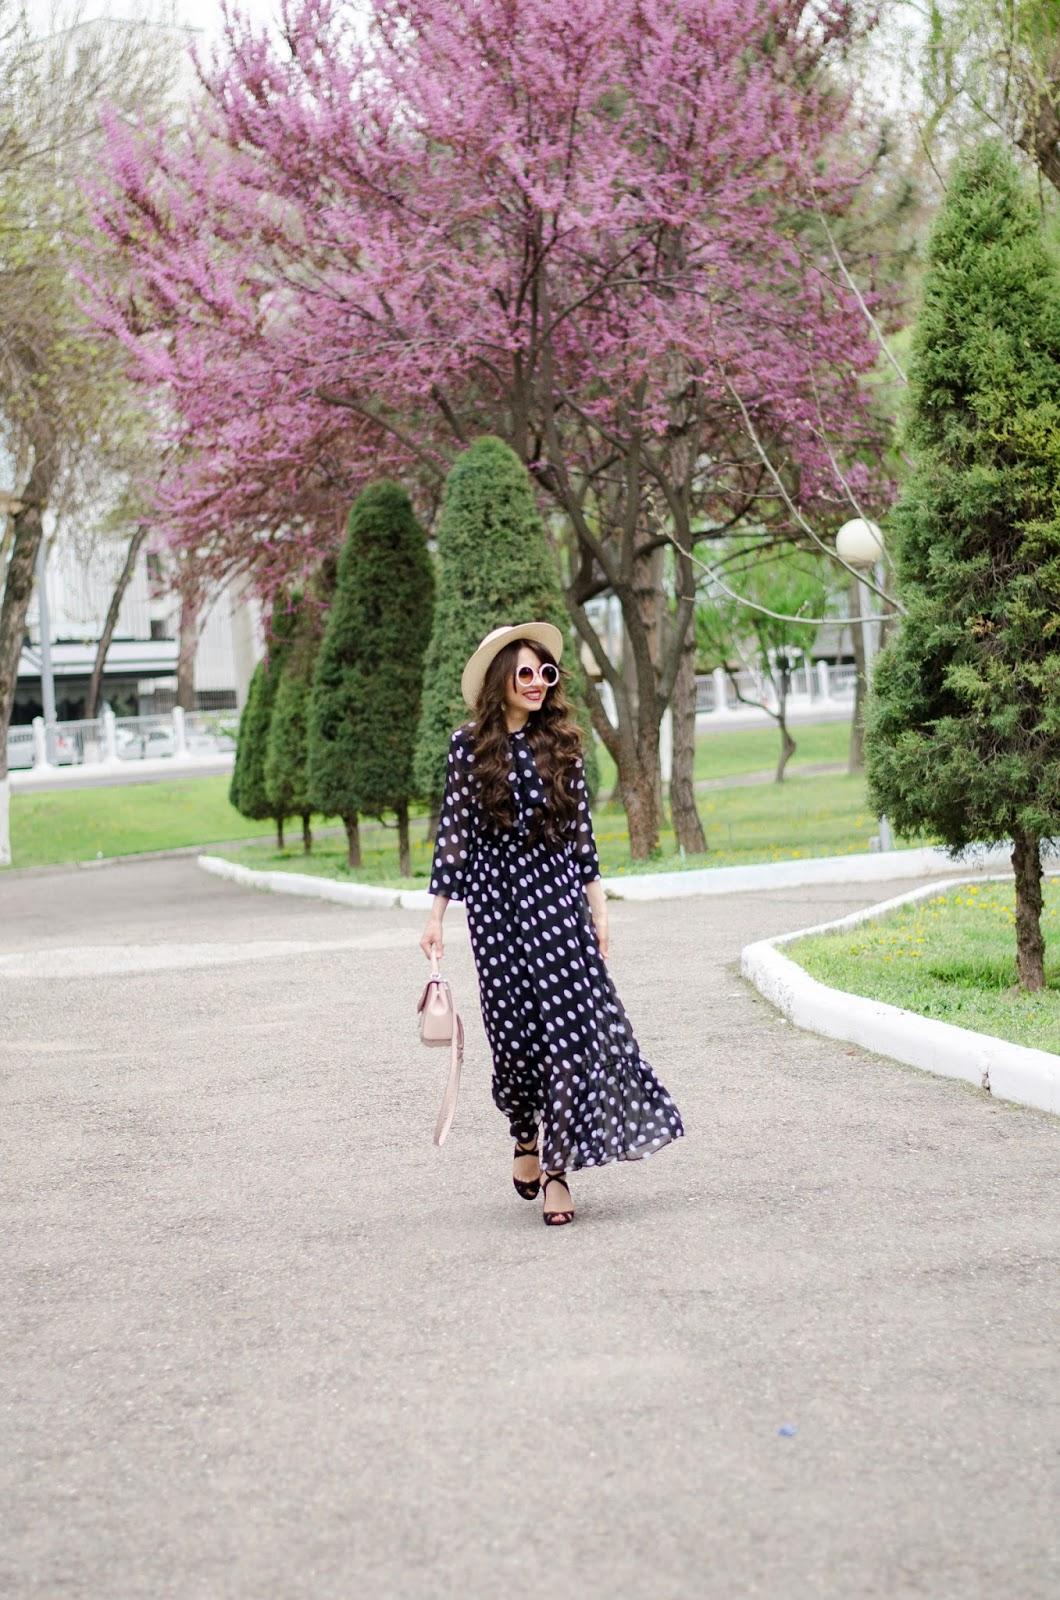 fashion blogger diyorasnotes diyora beta polka dot dress maxi straw hat heels koto romantic look outfit